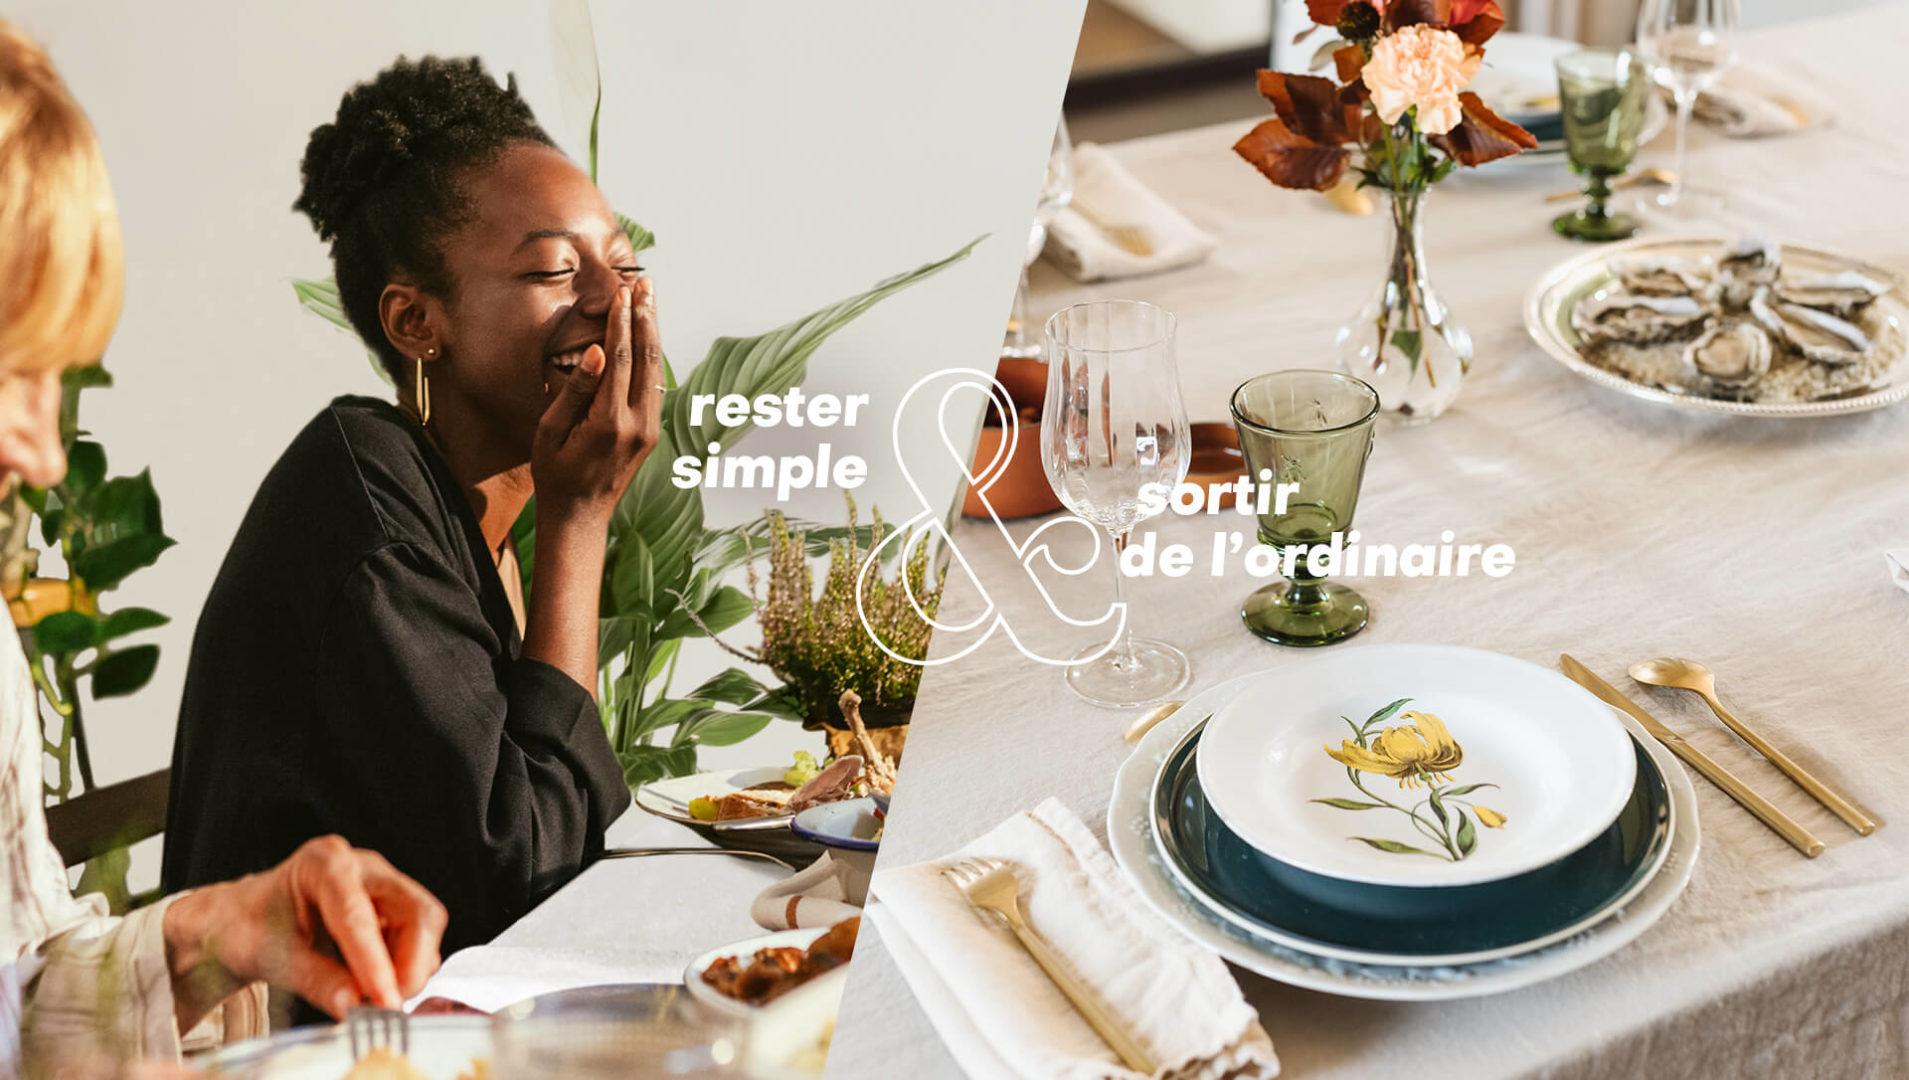 Rester simple & Sortir de l'ordinaire - automne - Les arts de la table